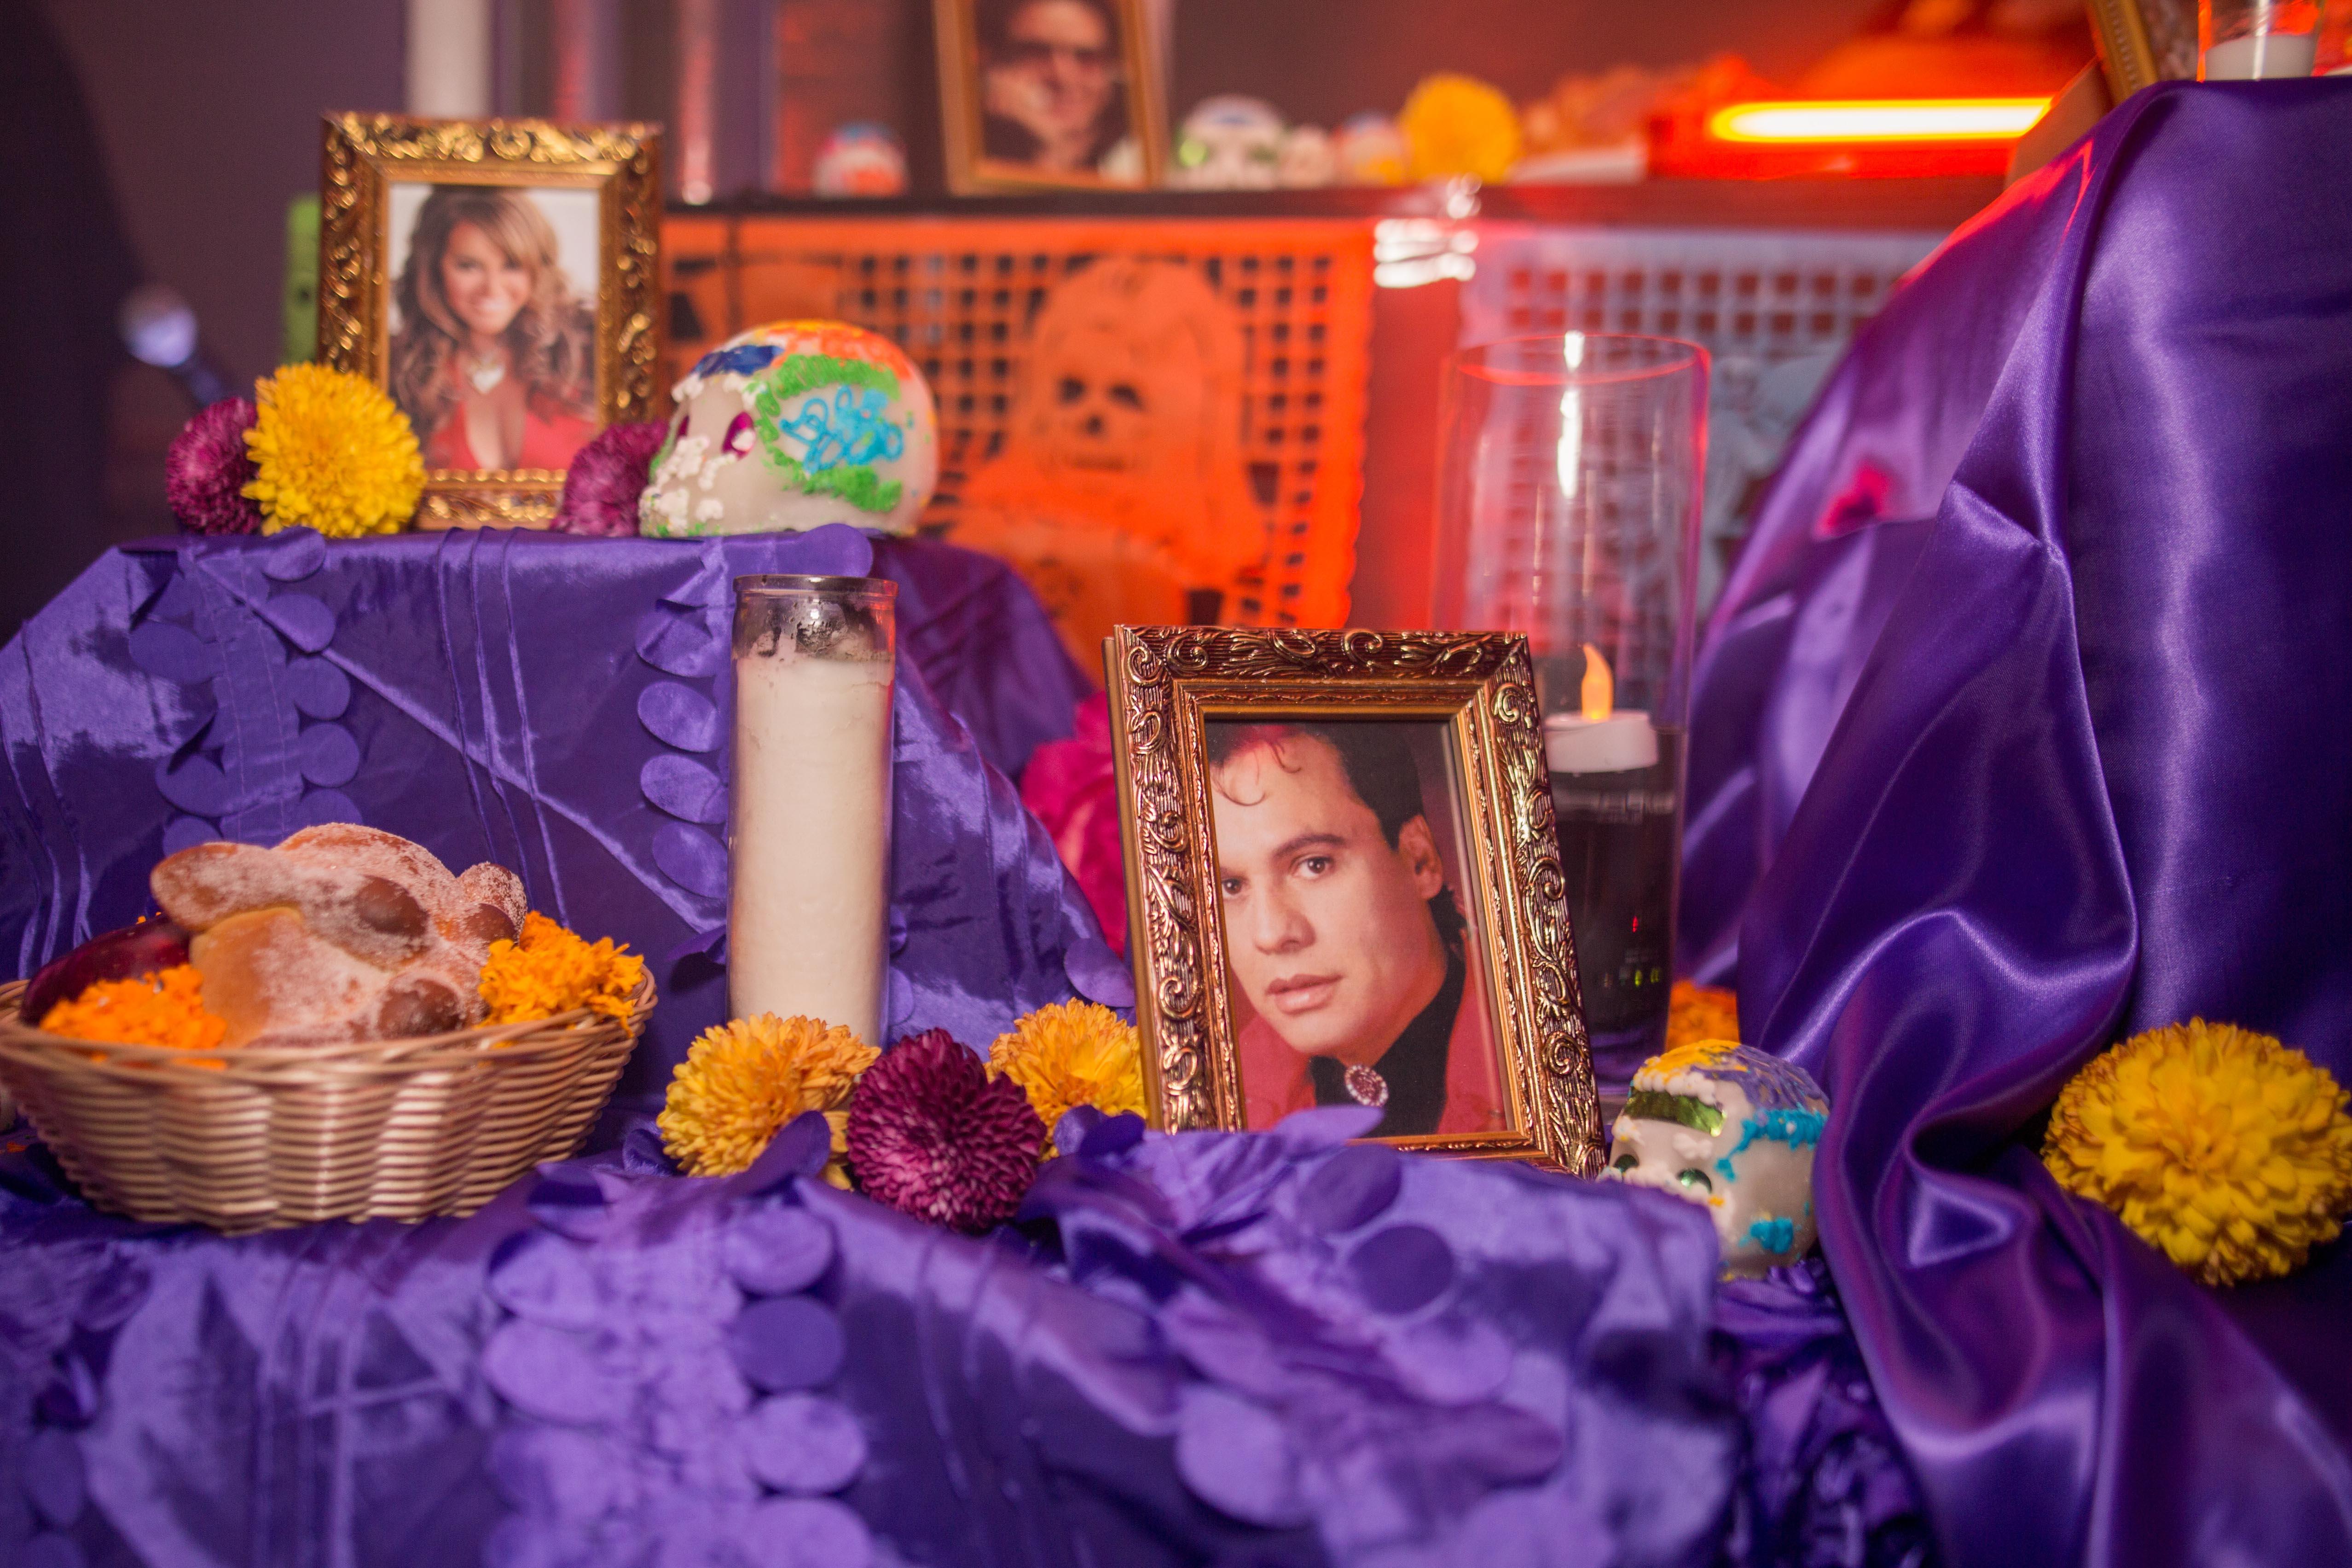 PHOTOS: Riobamba, Santa Muerte, and DJ Python Take Over Remezcla HQ for a Día de Muertos Throwdown